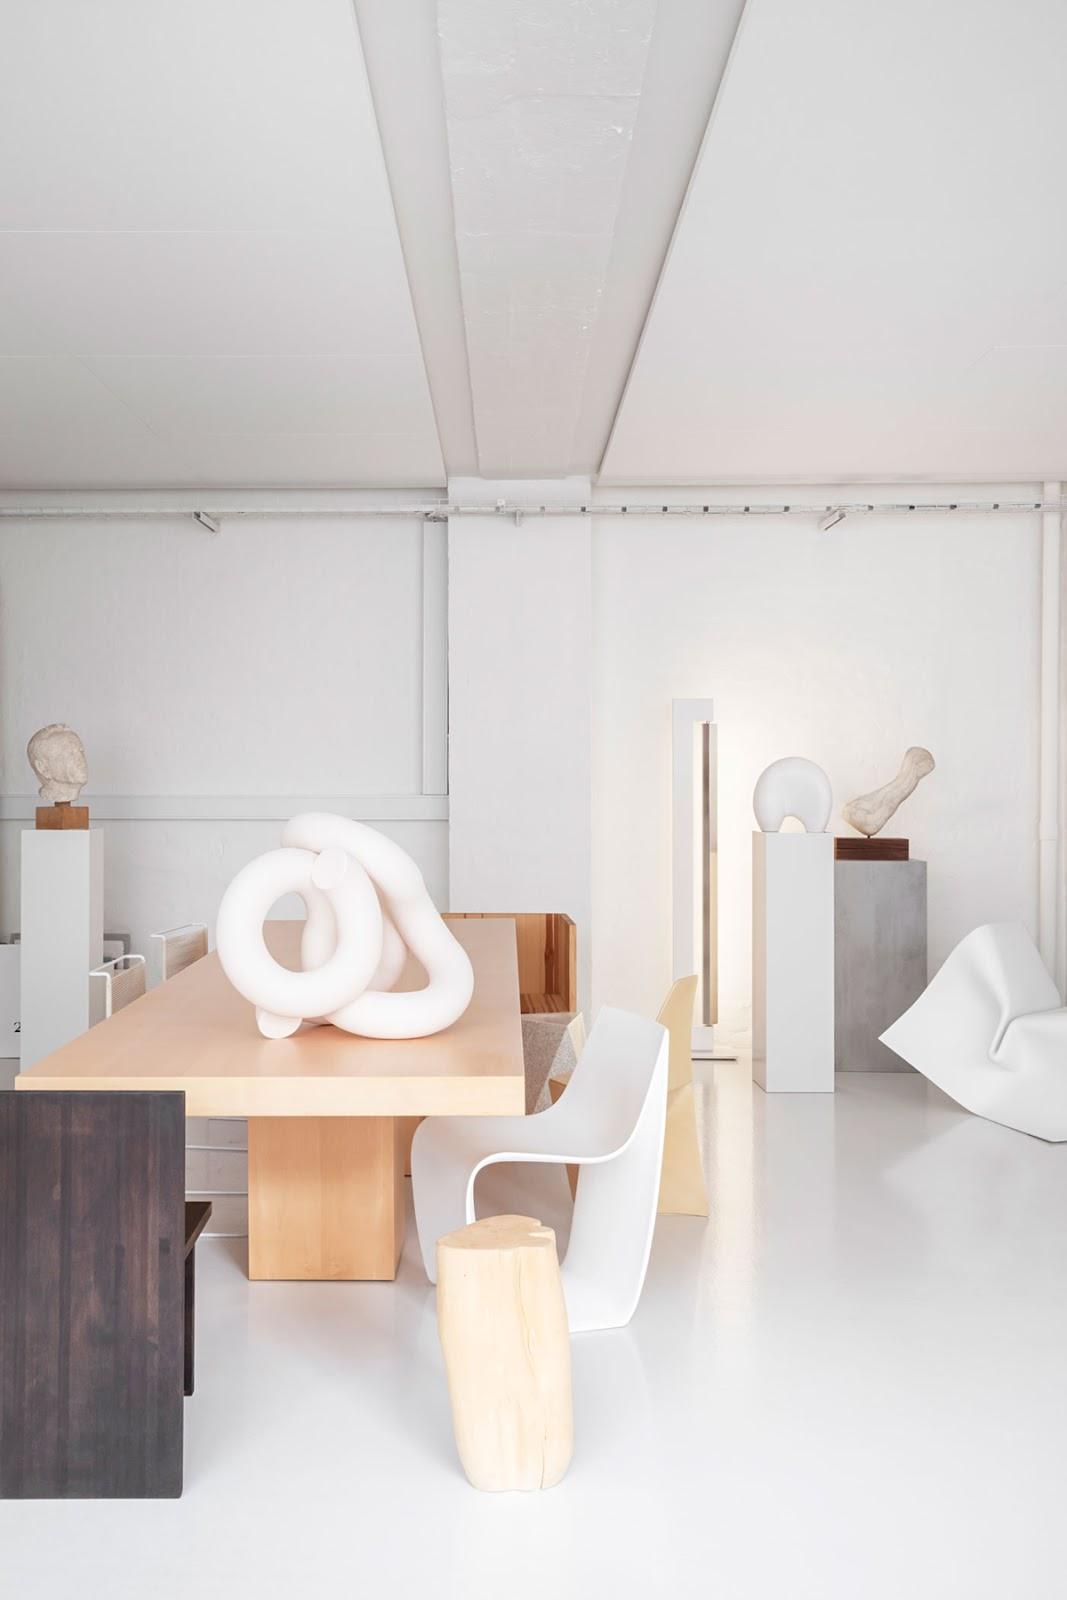 Arte, formas y mezcla de materiales en el estudio creativo de Homework